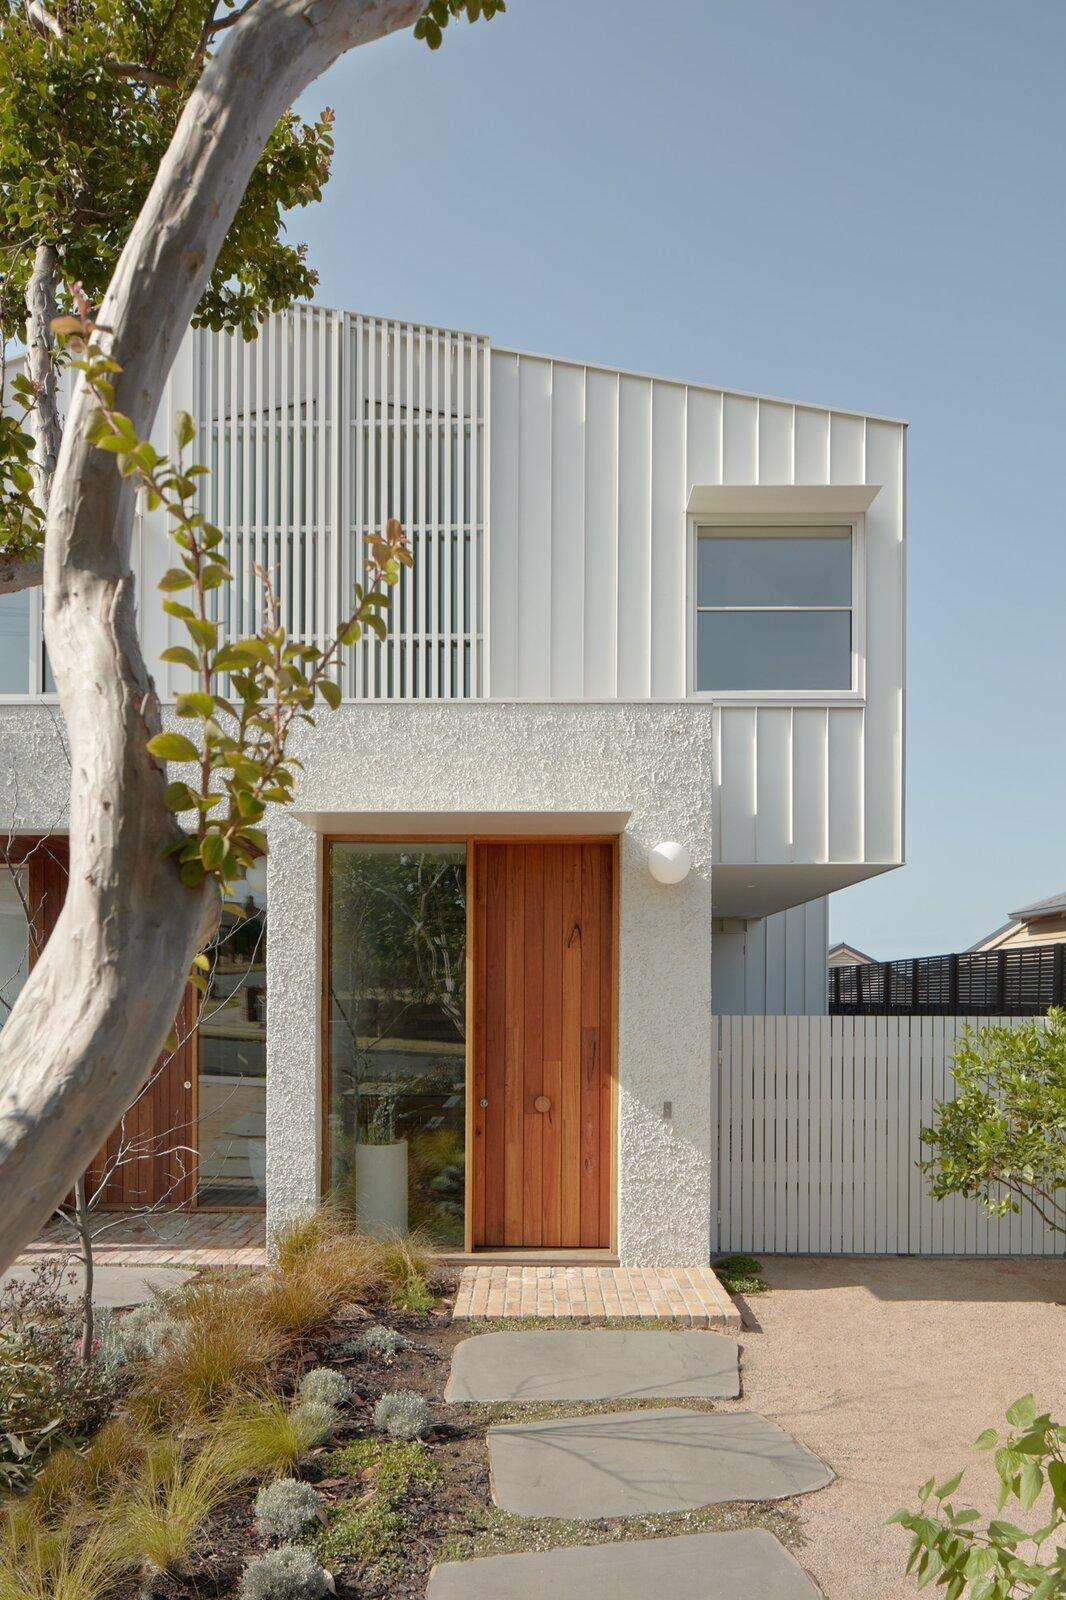 Сучасний фасад нового будинку у Мельбурні / Фото Dwell